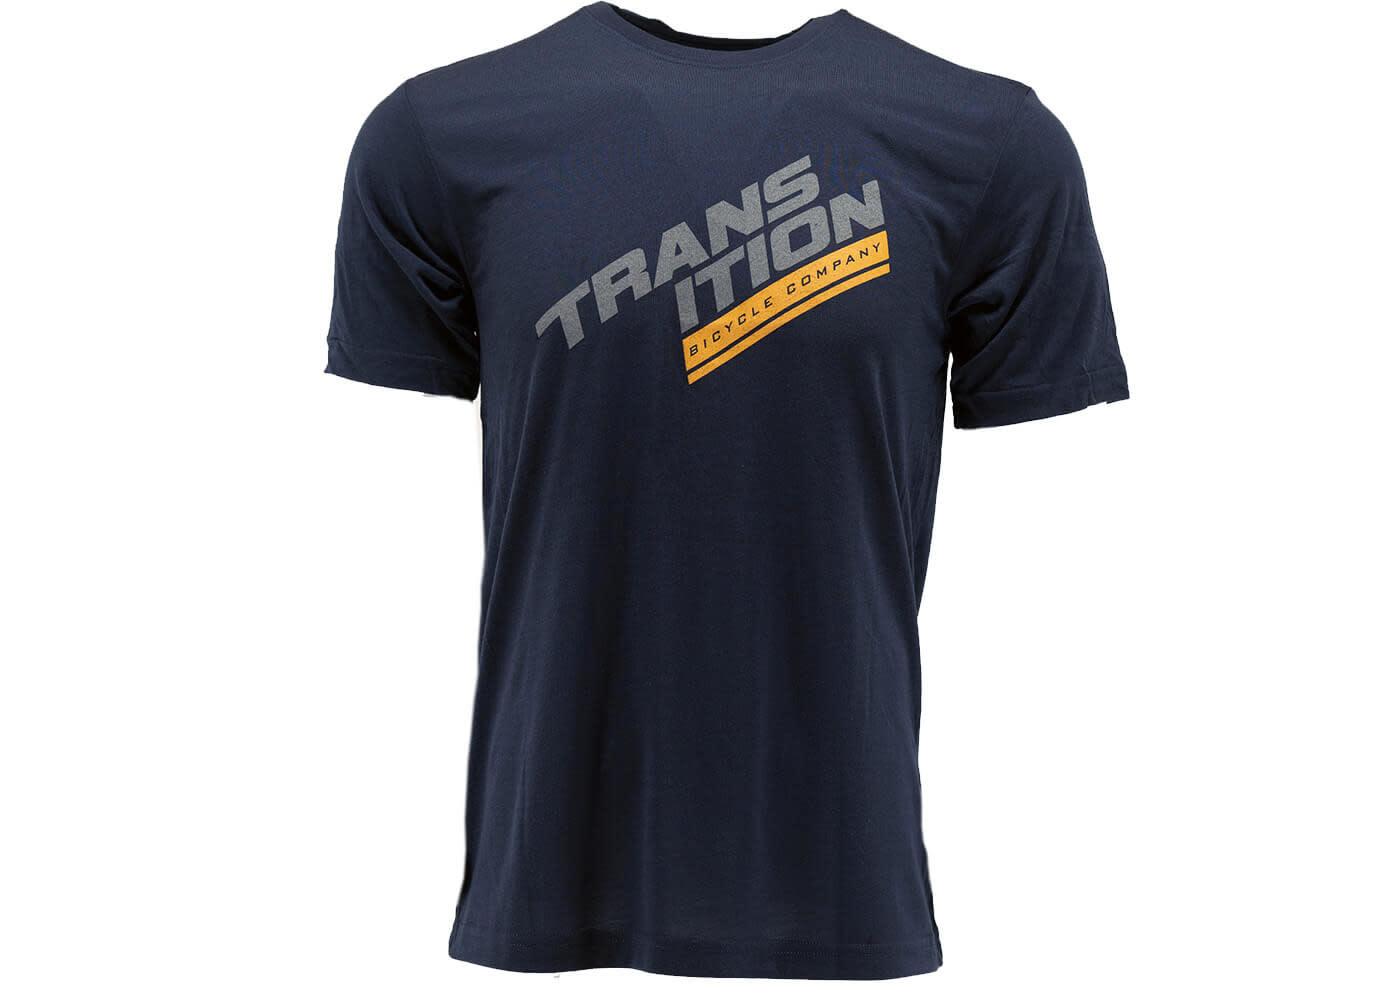 Transition Transition Swift Jersey: Split Logo (Medium, Navy)